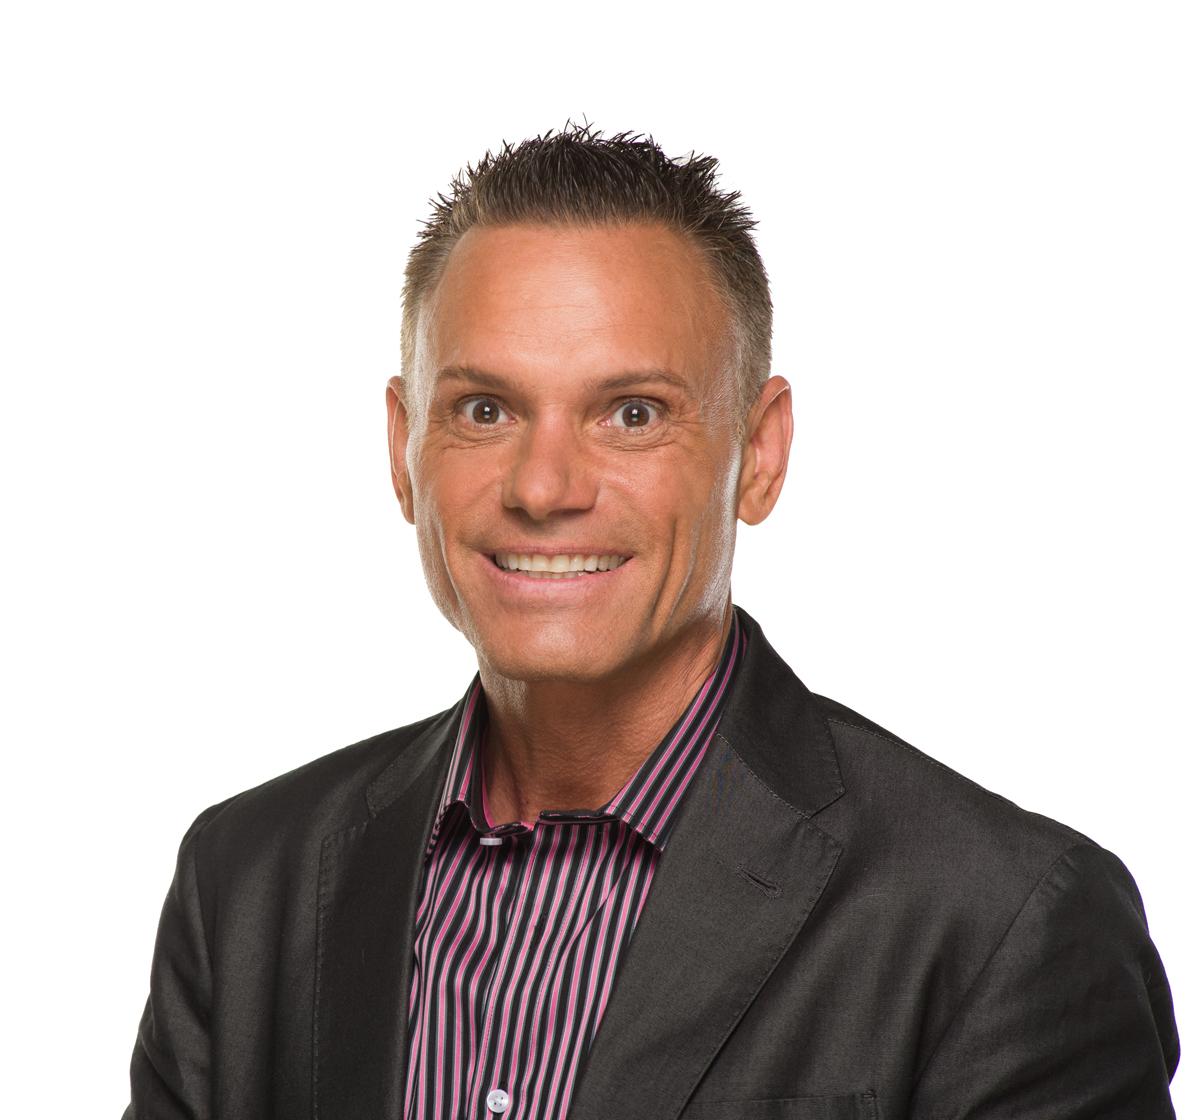 Kevin Harrington from the Hit TV Show Shark Tank